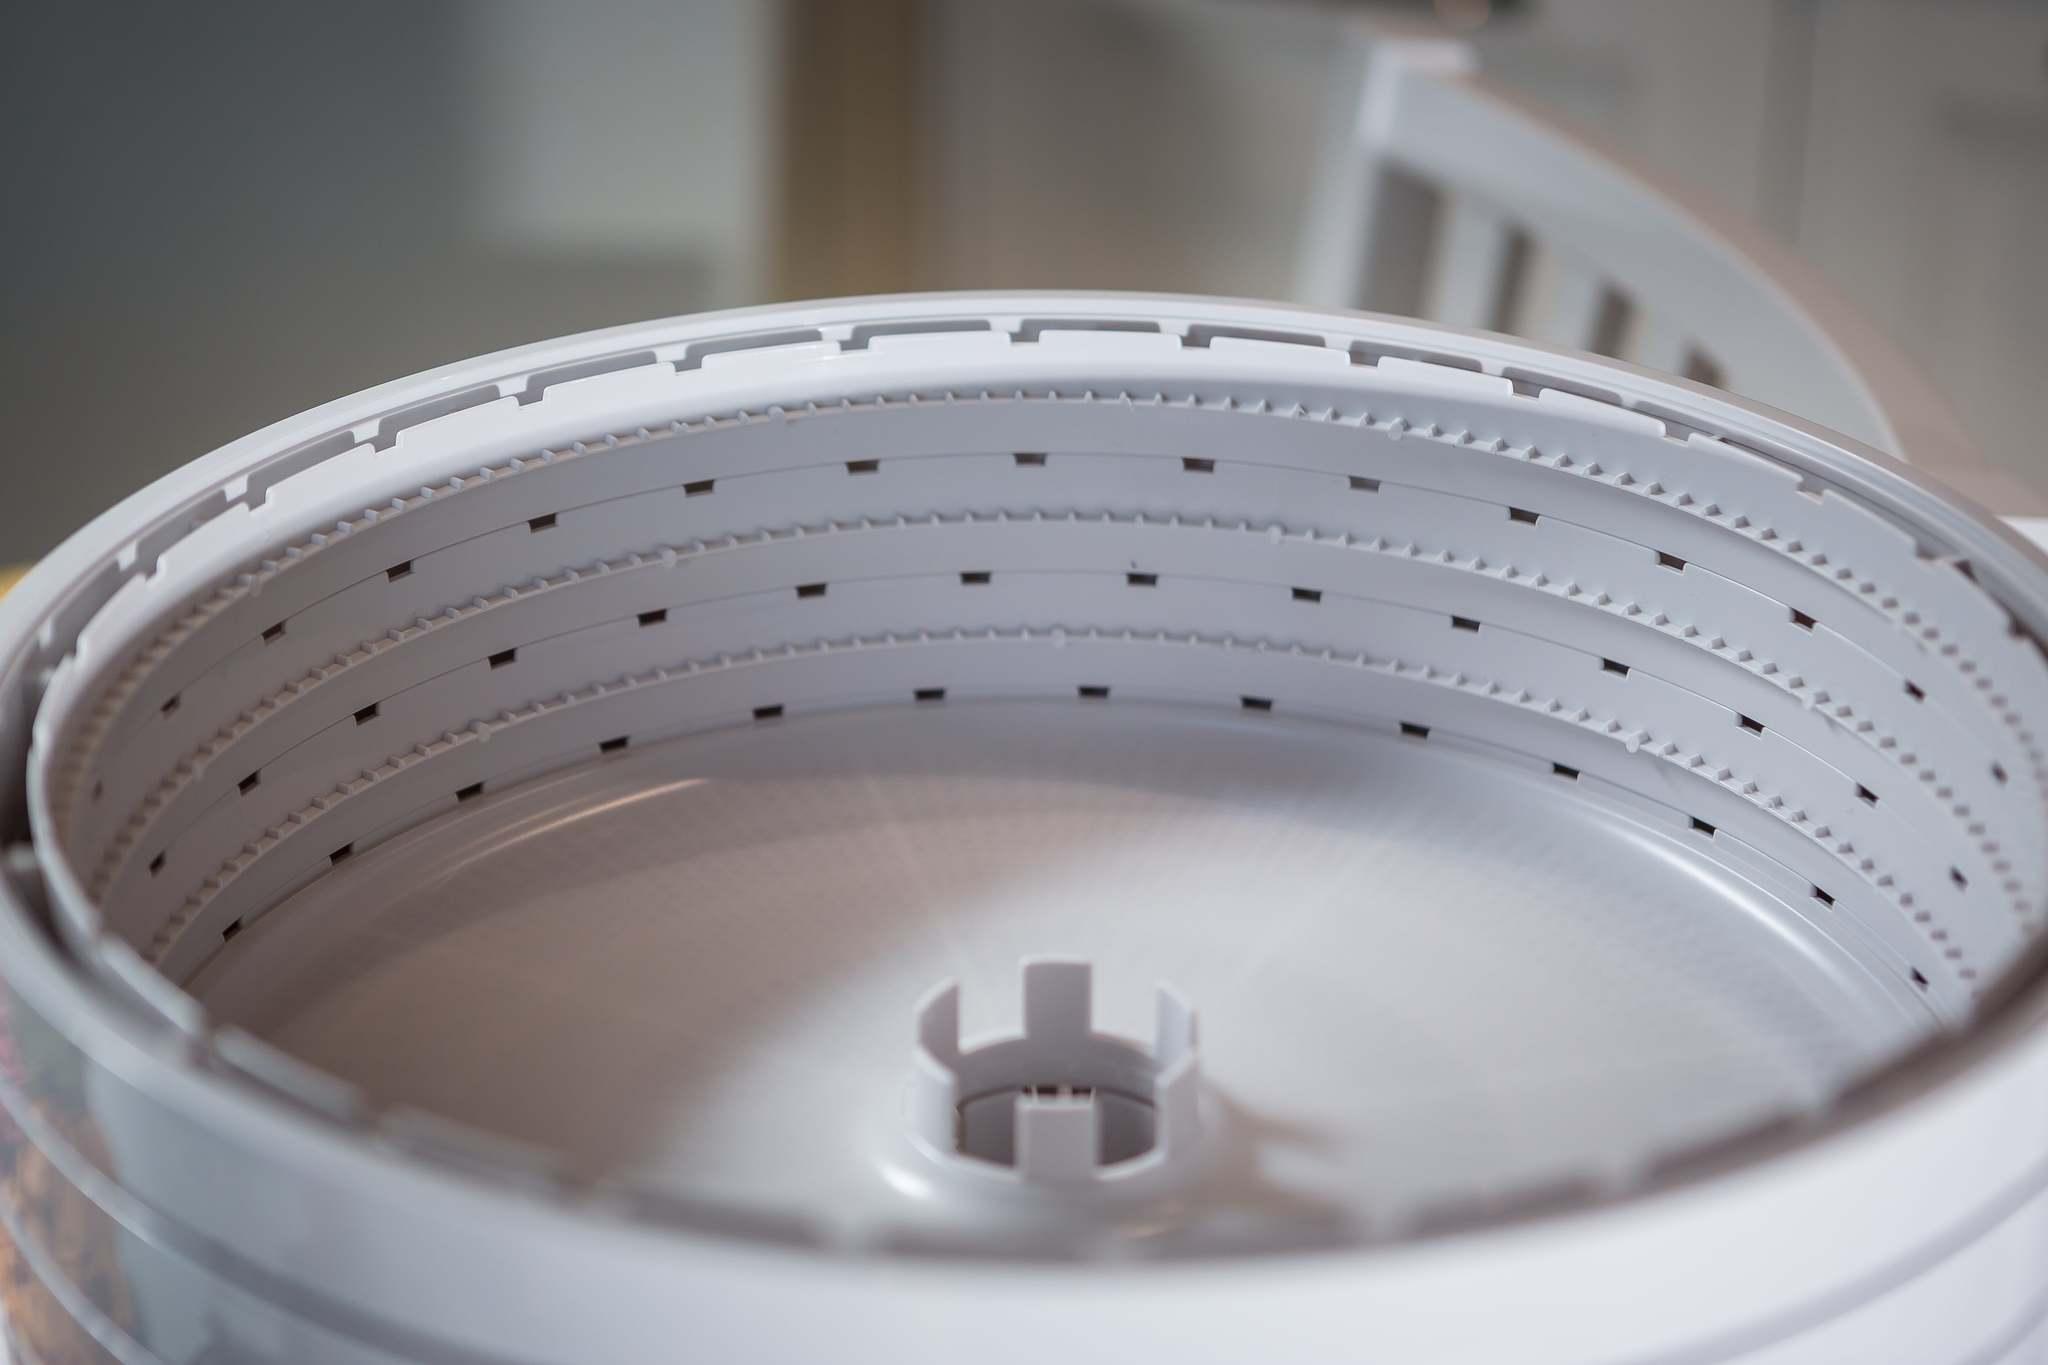 Полое кольцо для дегидратора Ezidri Snackmaker FD 100 Digital, подходит для приготовления йогурта в дегидраторе